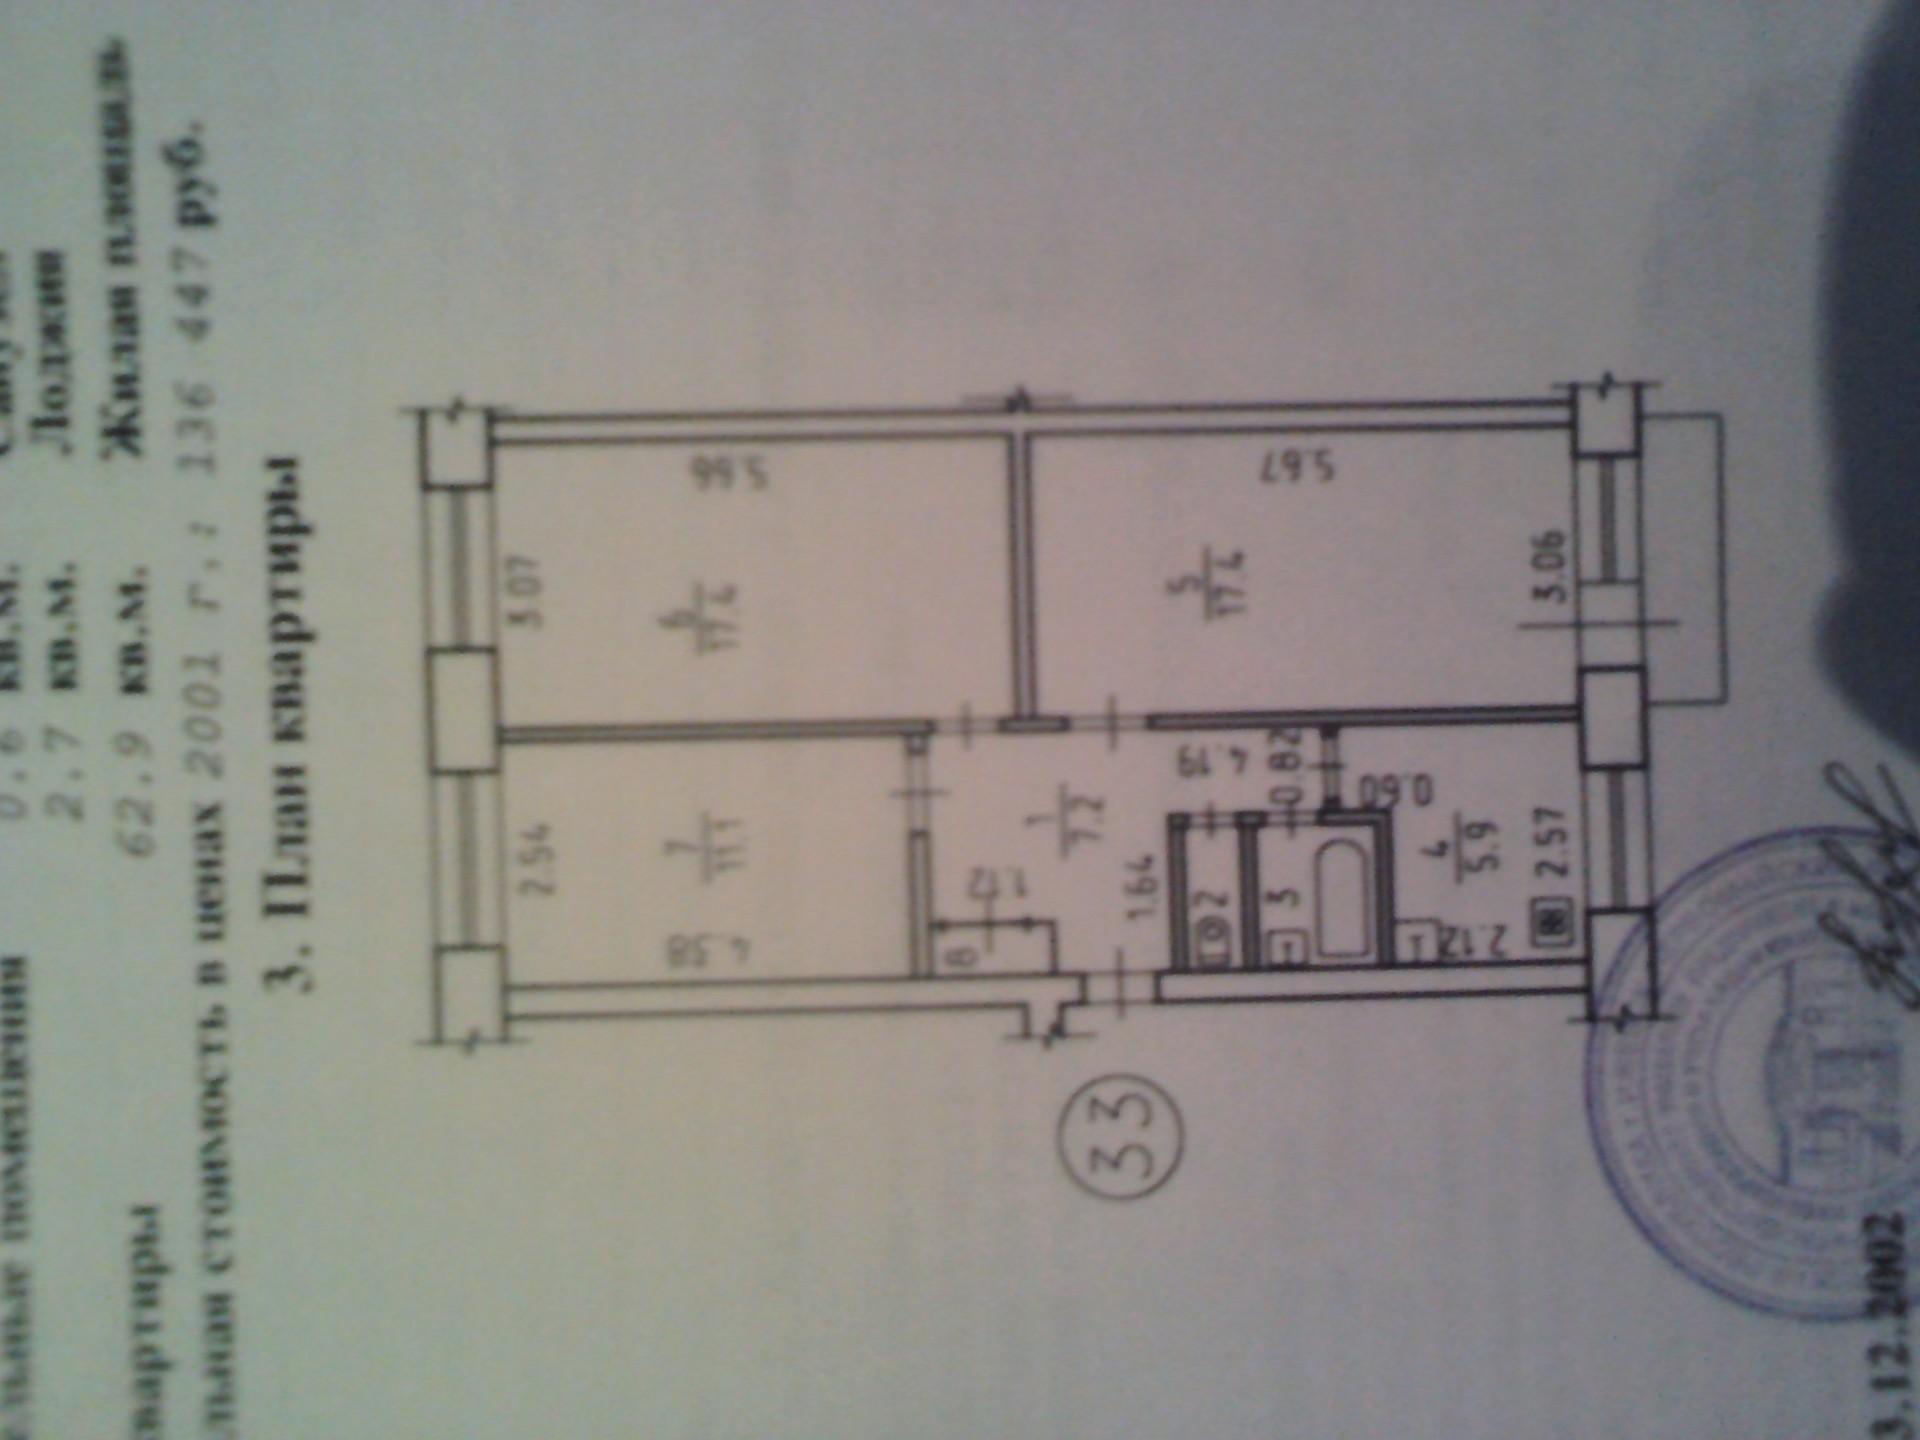 """Планировка 4 комнатной квартиры в пятиэтажке """" картинки и фо."""